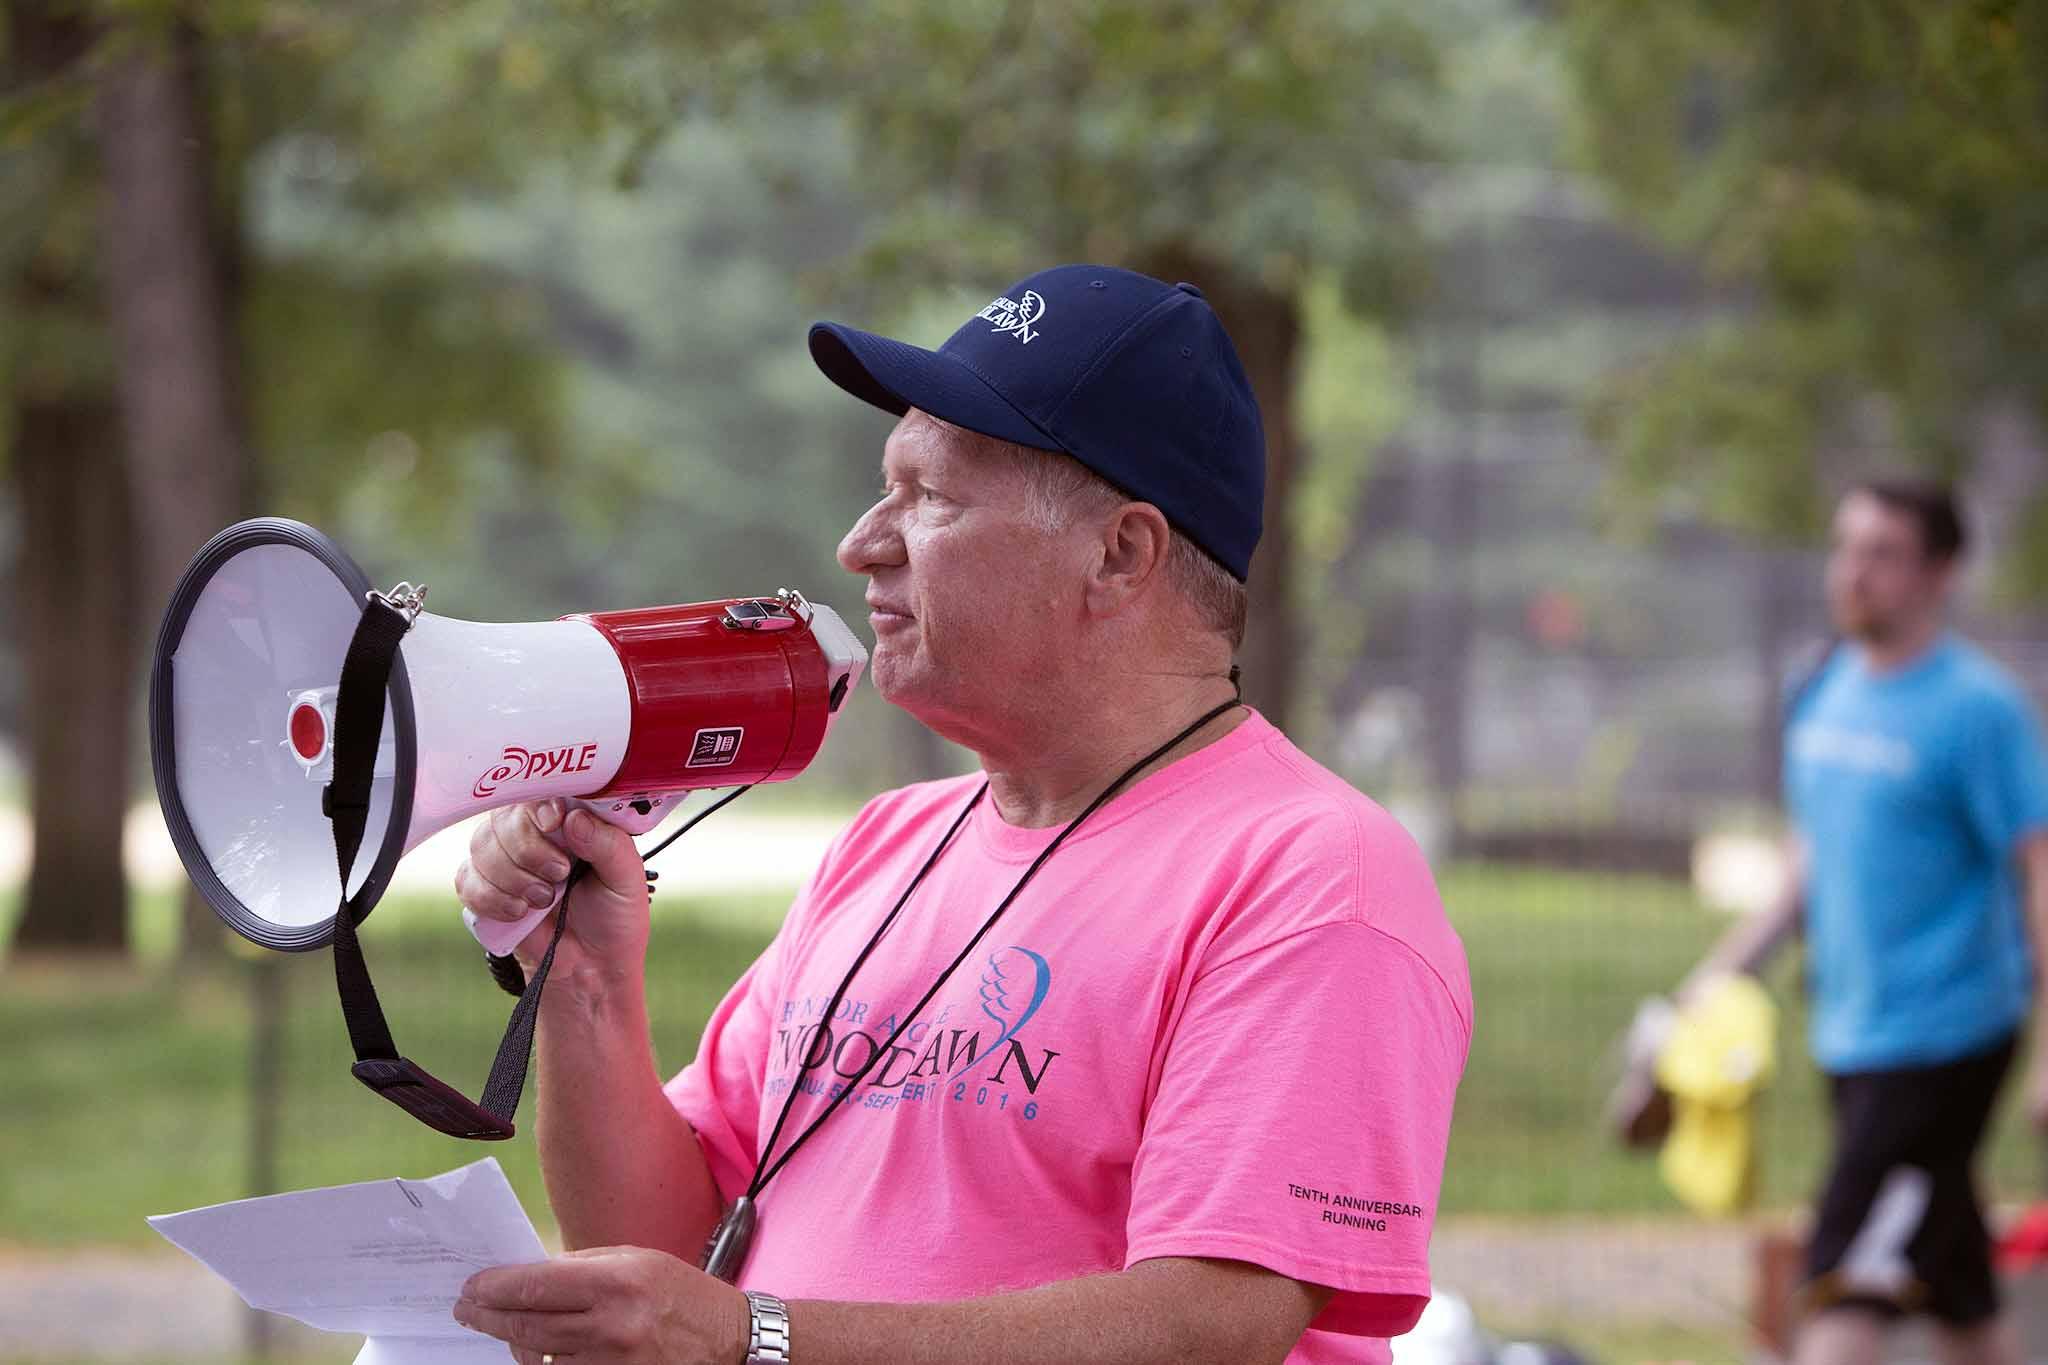 214-Woodlawn Run for a Cause-623.jpg